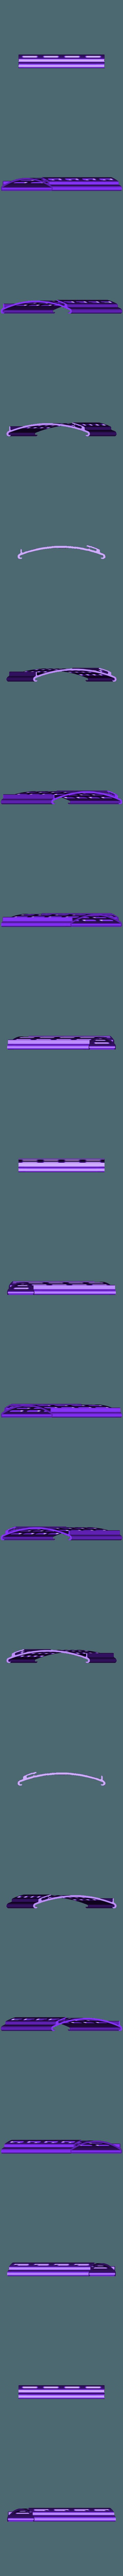 OdysseyLightShade.stl Télécharger fichier STL gratuit Honda Odyssey Abat-jour intérieur • Objet pour imprimante 3D, stensethjeremy